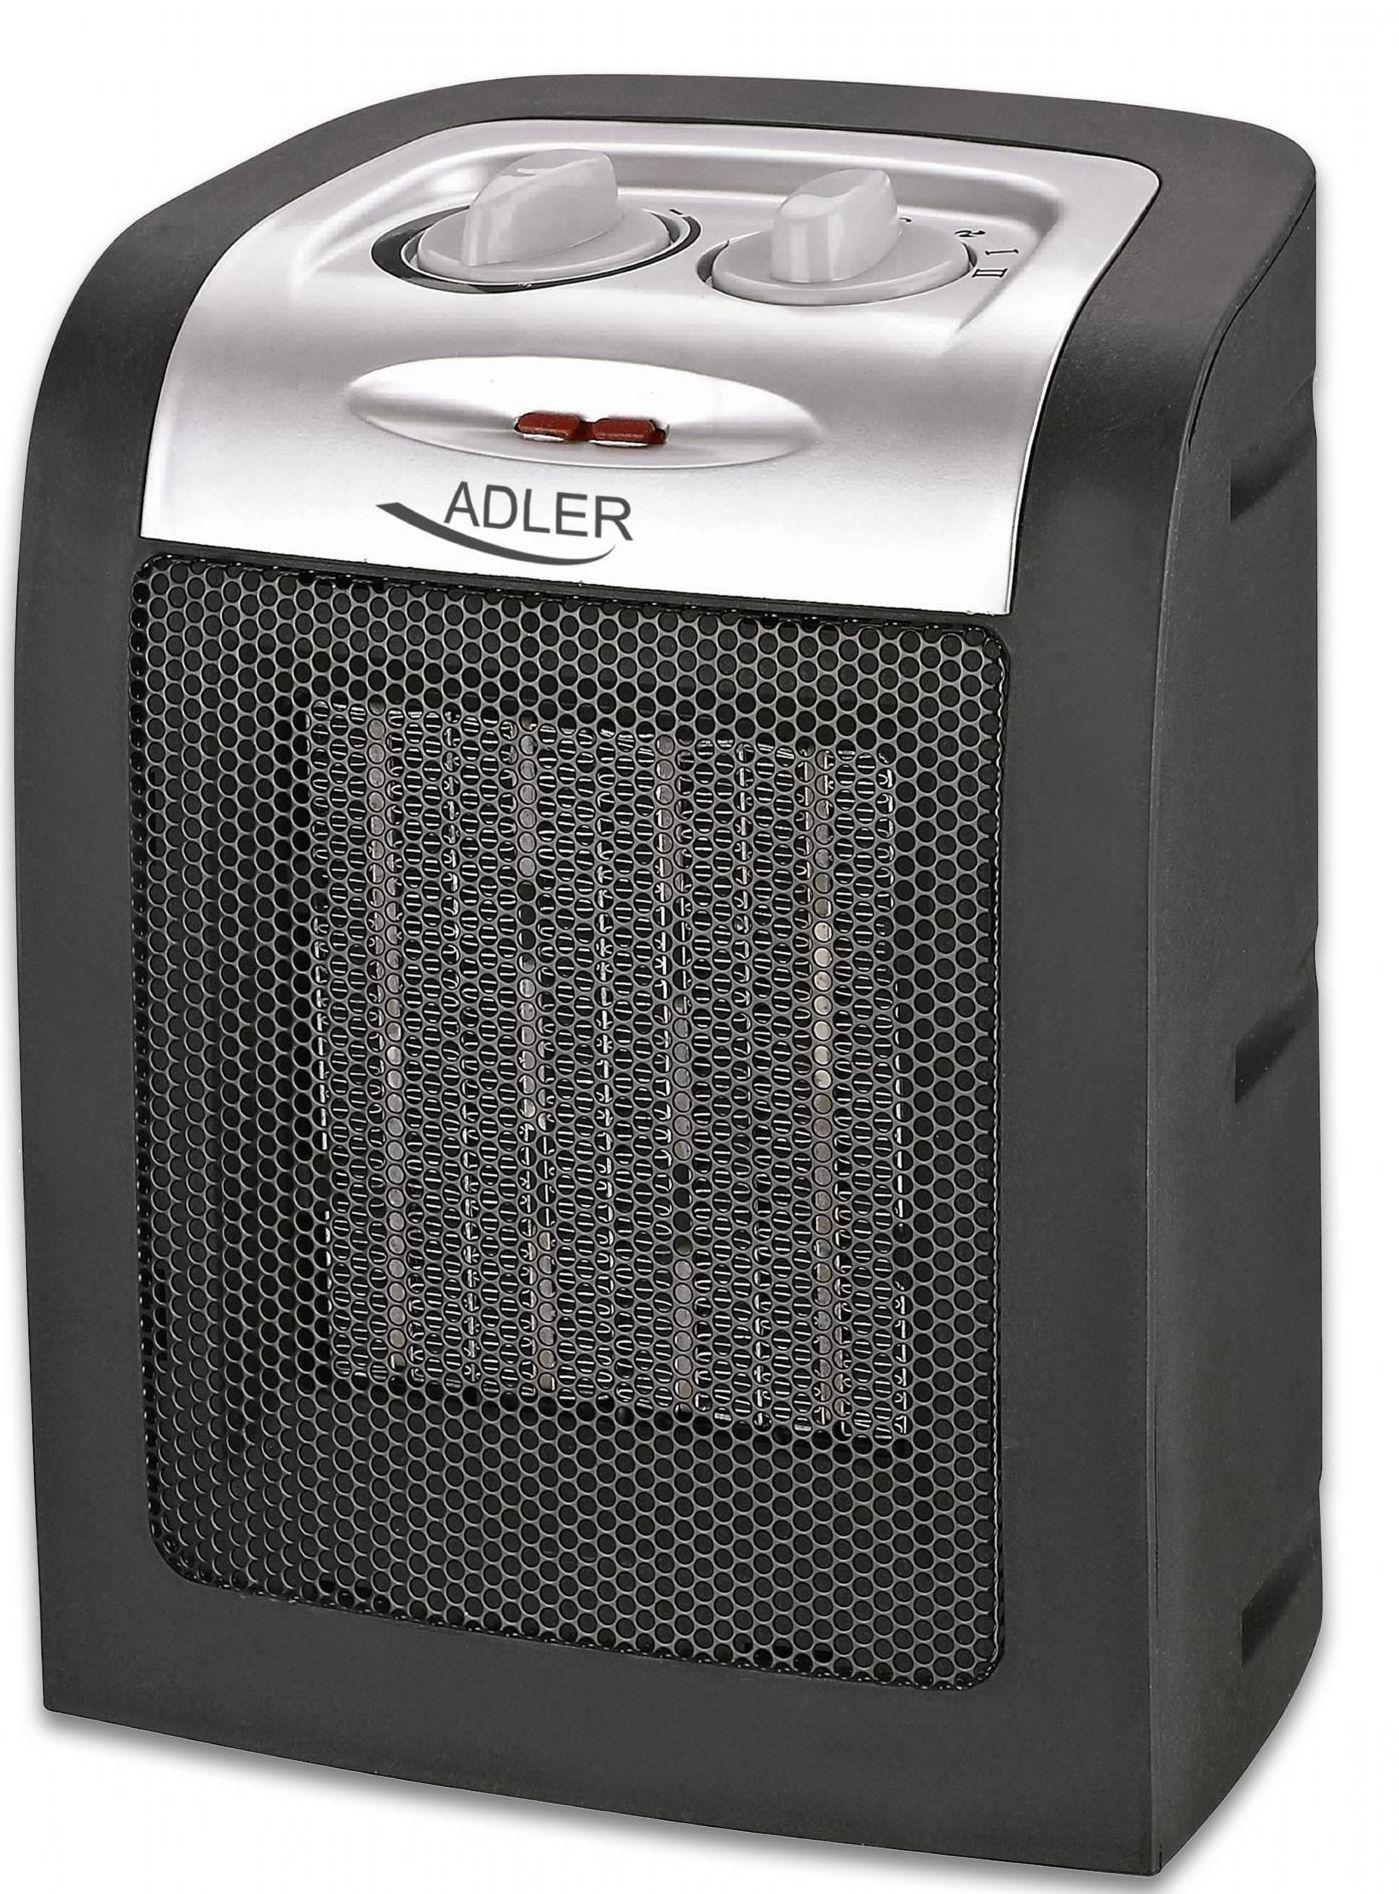 Adler AD 7702